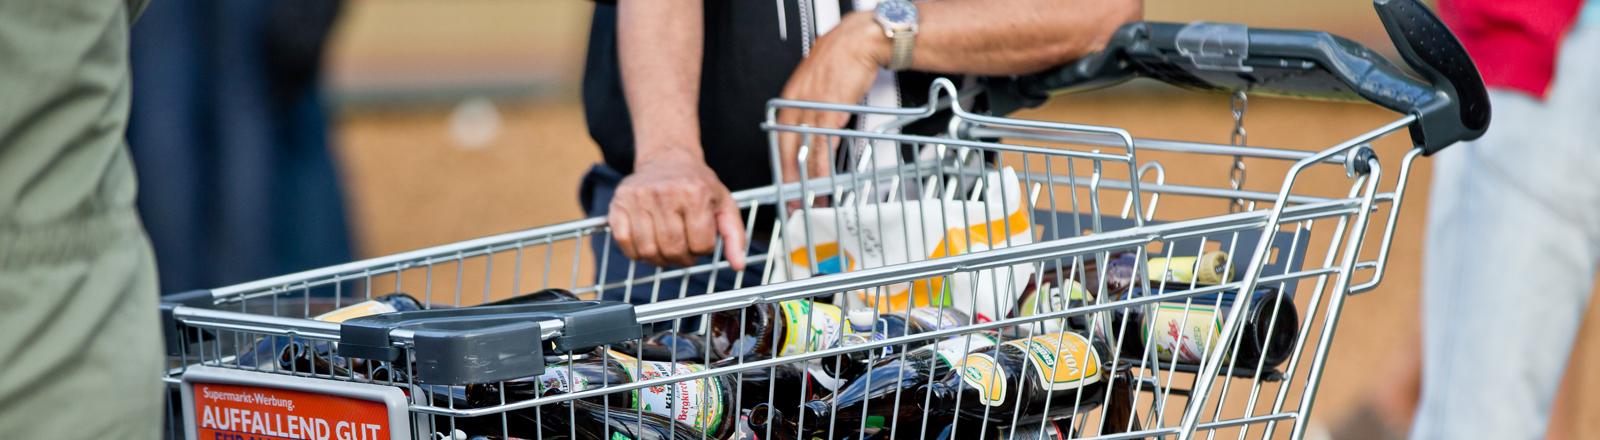 Ein Flaschensammler steht am 05.06.2014 in Erlangen (Bayern) während der Bergkirchweih neben einem Einkaufswagen voller Flaschen.